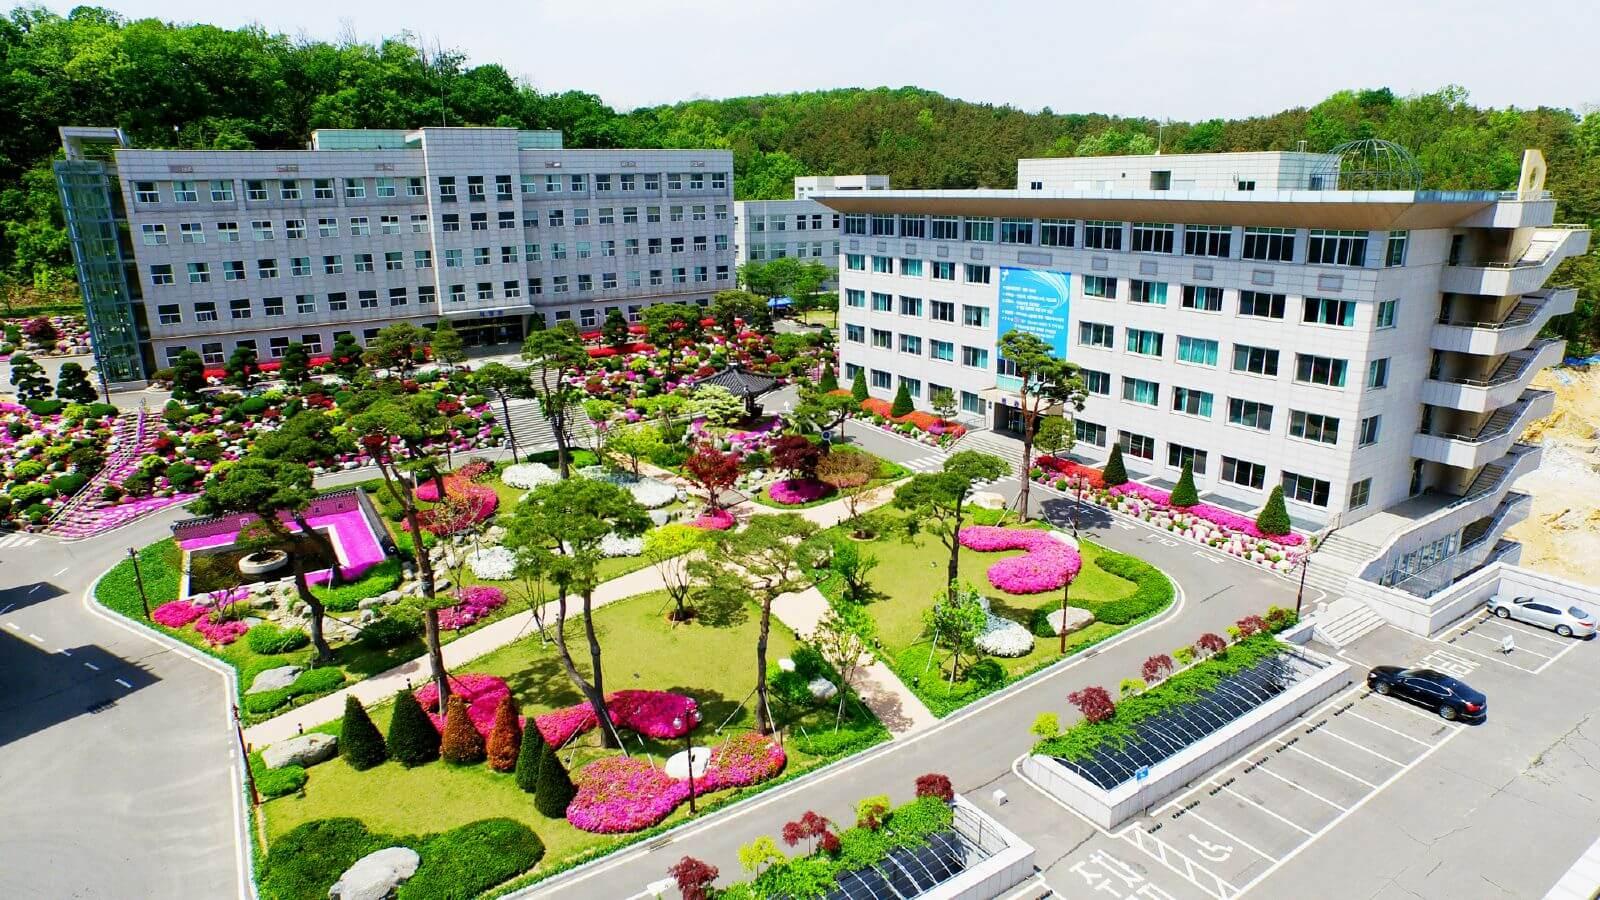 Cùng Du học MAP khám phá trường Đại Học Seojeong Hàn Quốc